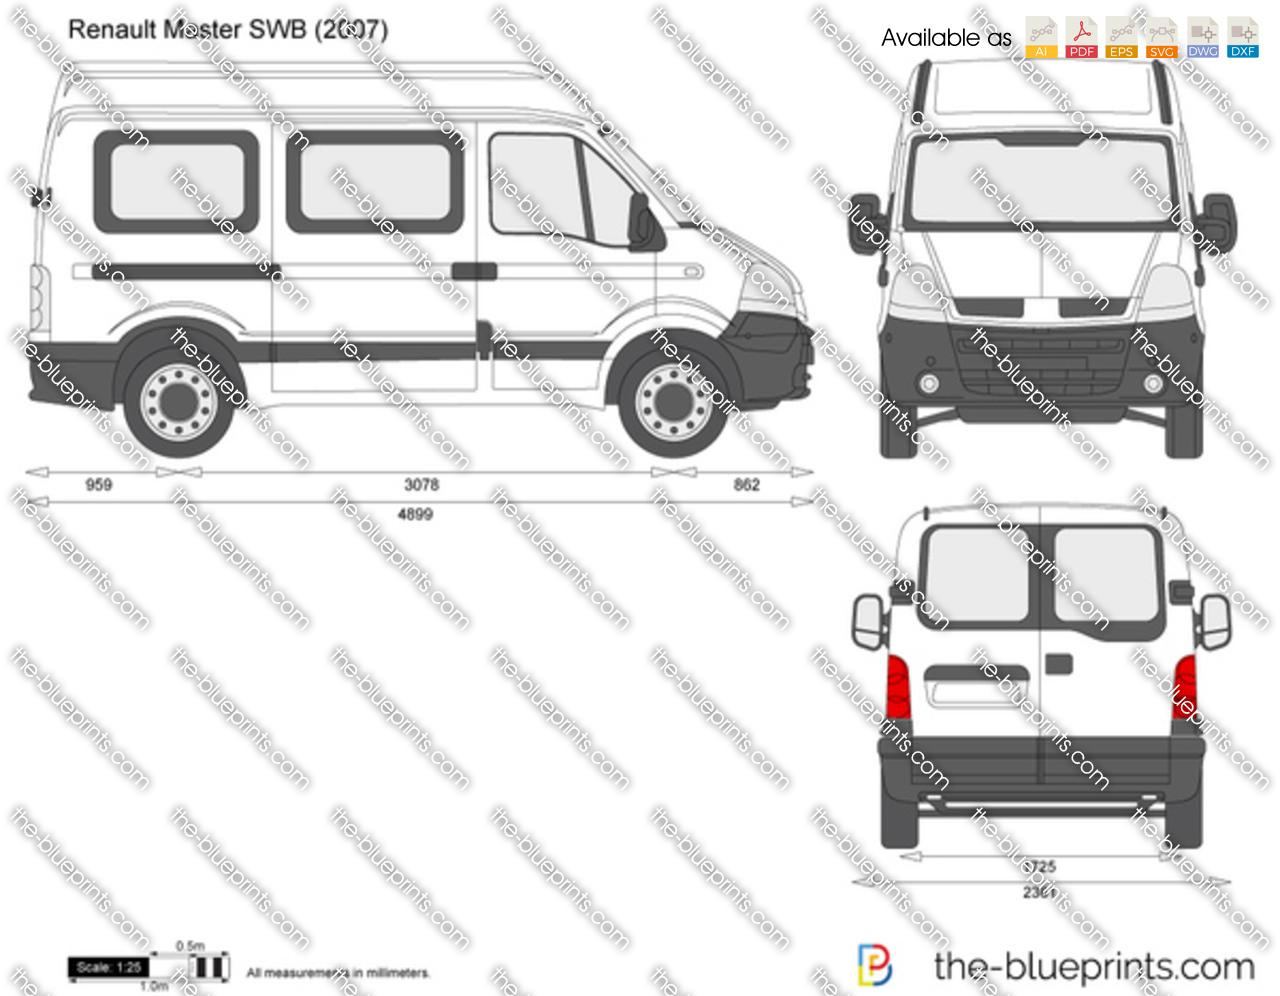 Renault Master SWB 2003